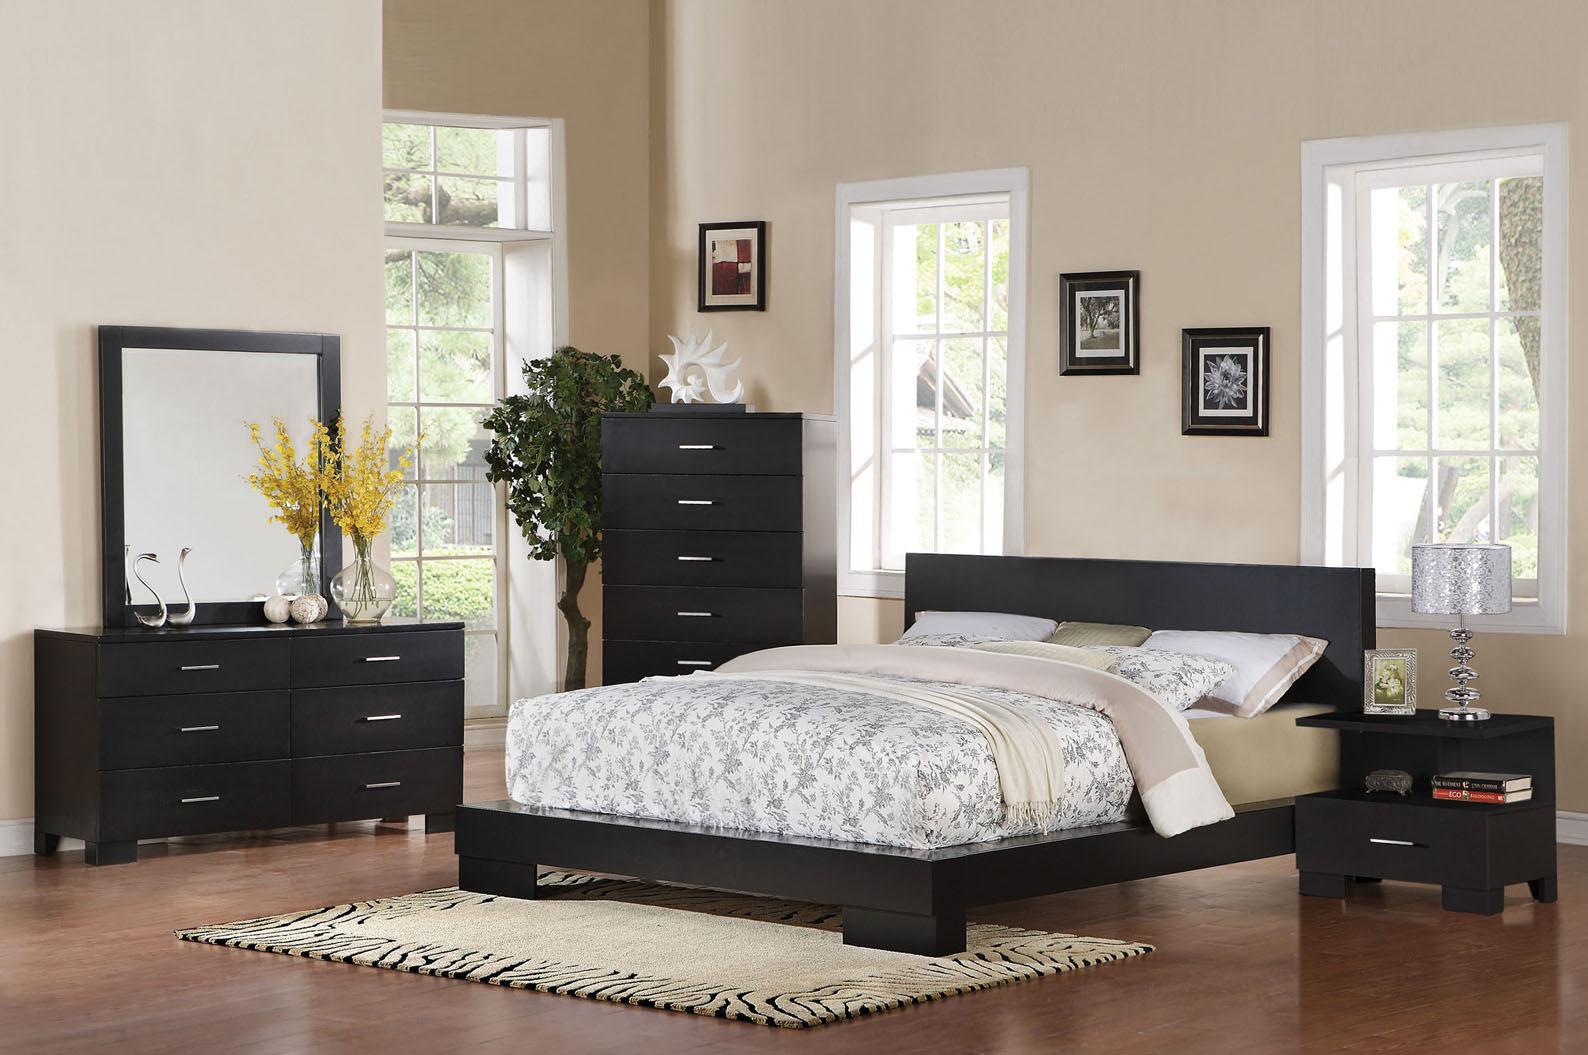 Acme Furniture London Platform King Bedroom Group - Item Number: 2006 K Platform Bedroom Group